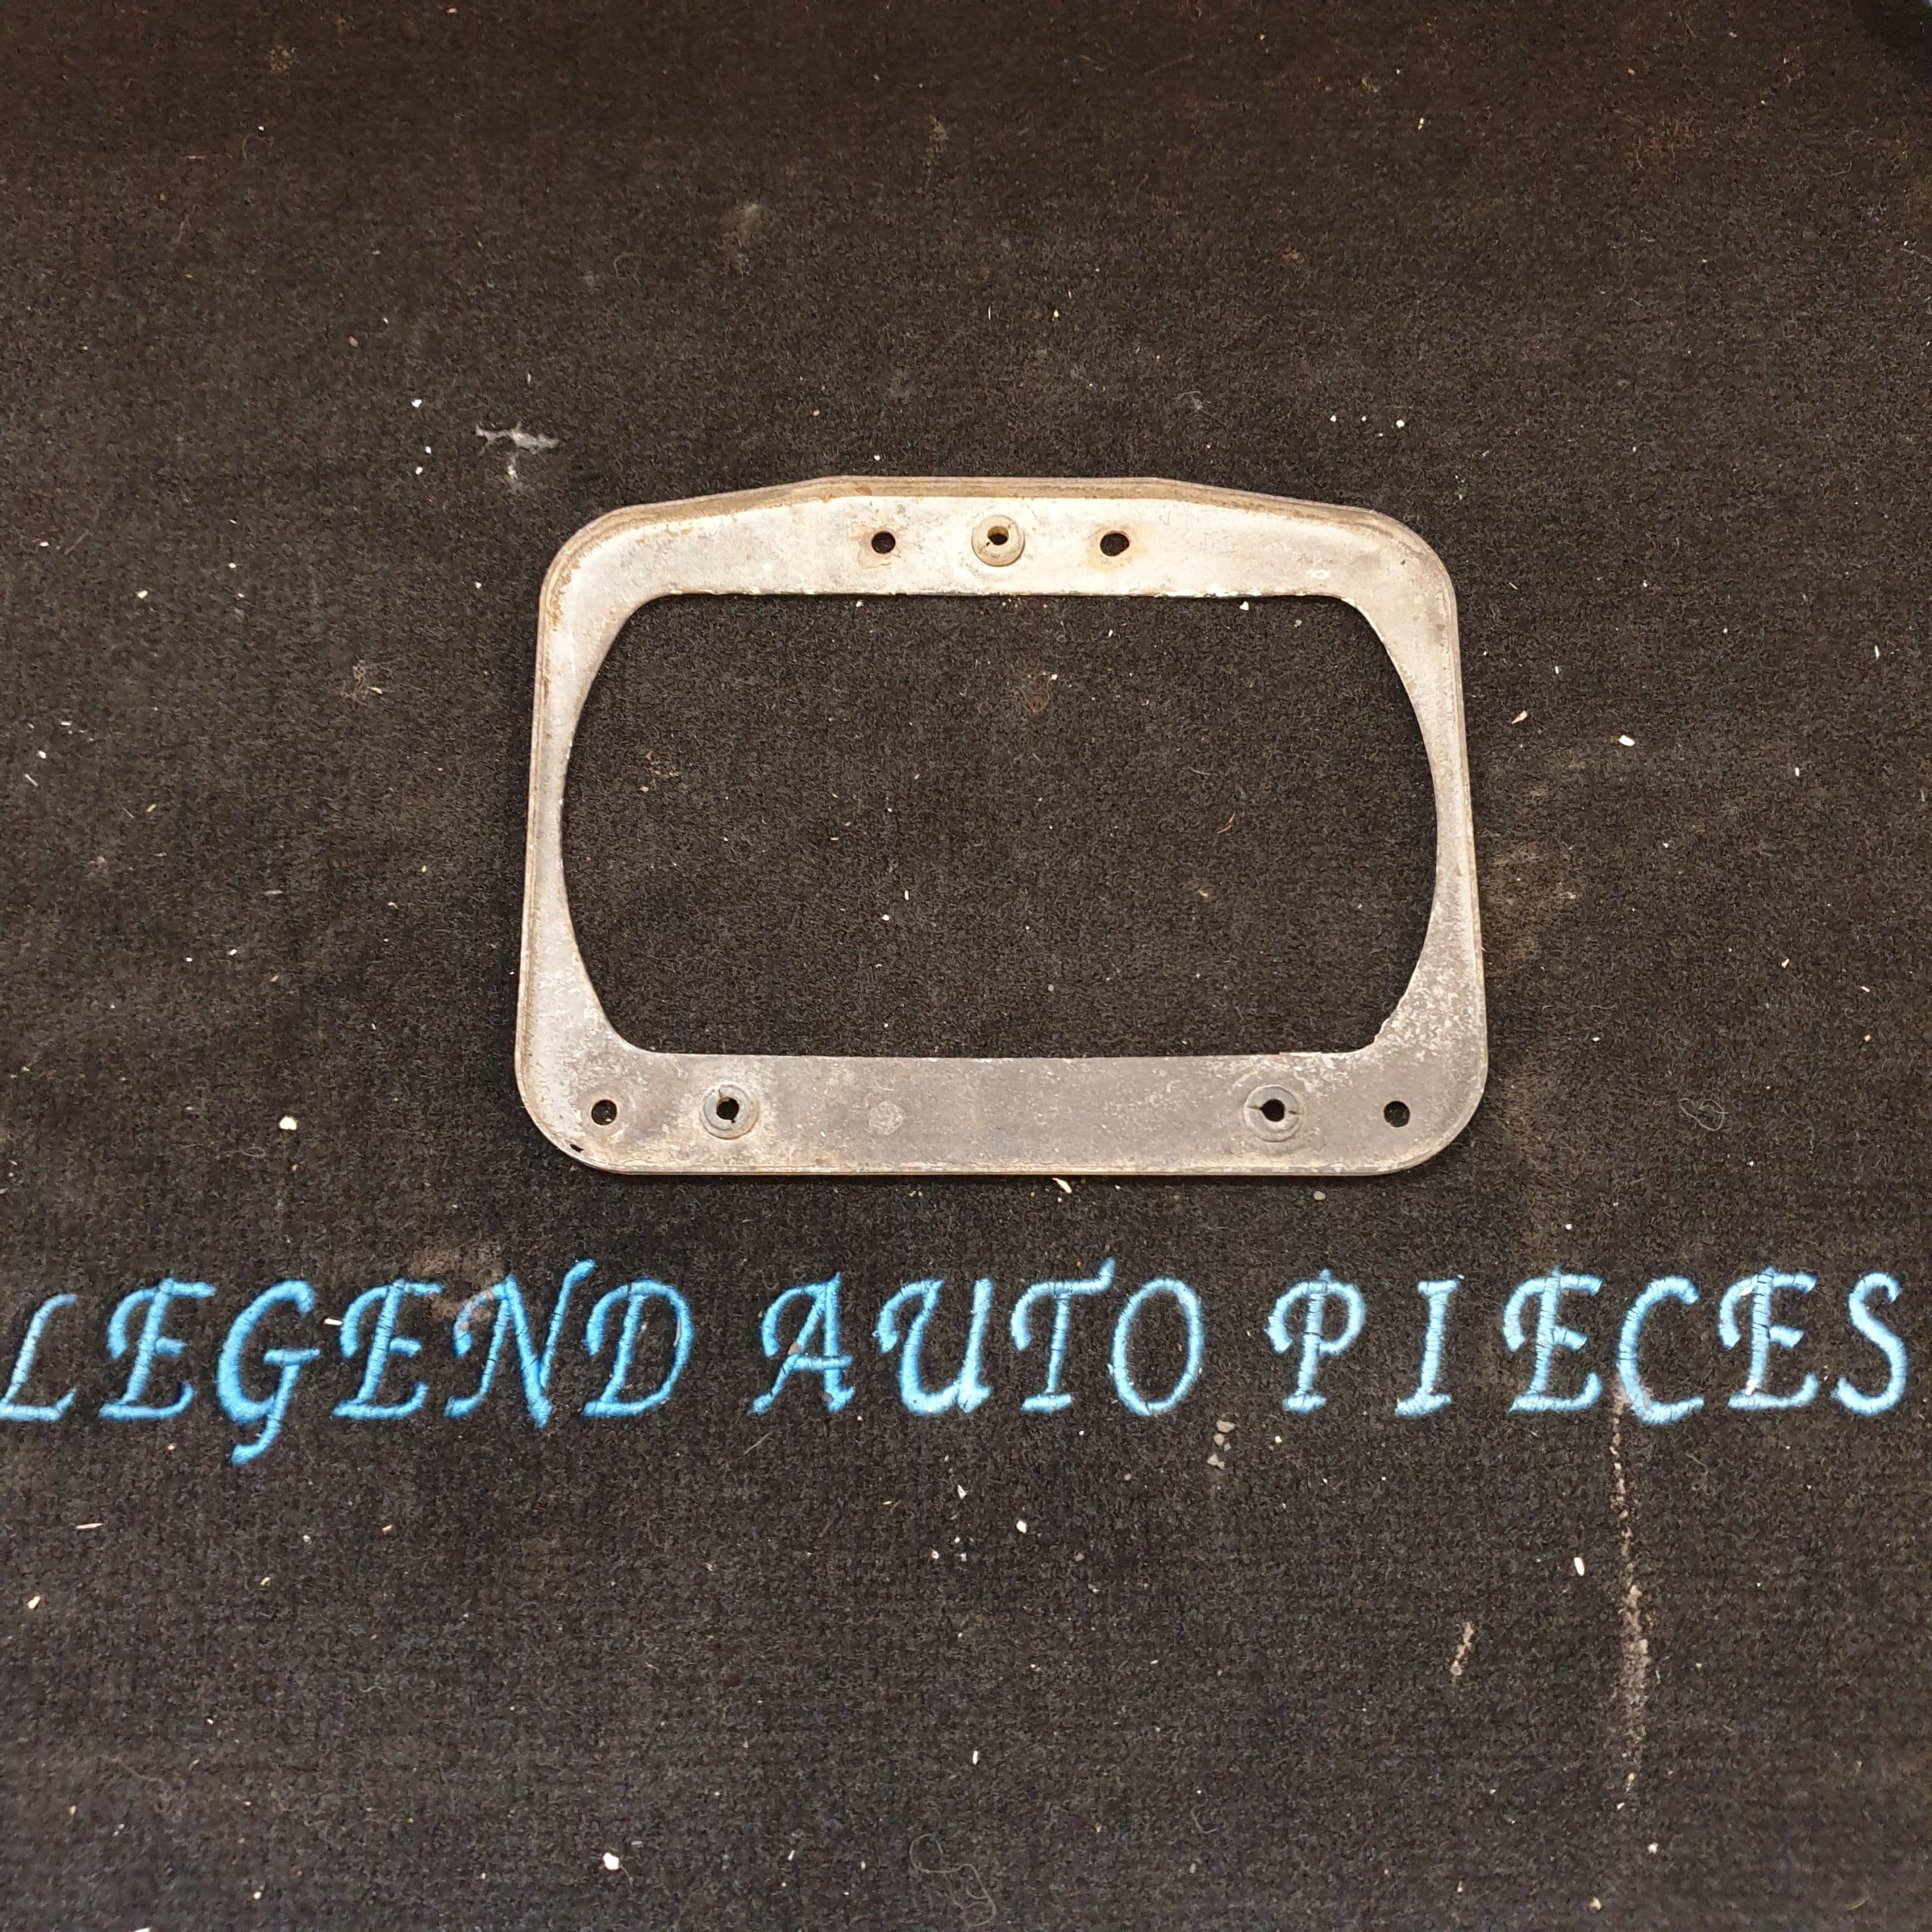 legendautopieces 16263374600364512298392541935936-scaled Accueil